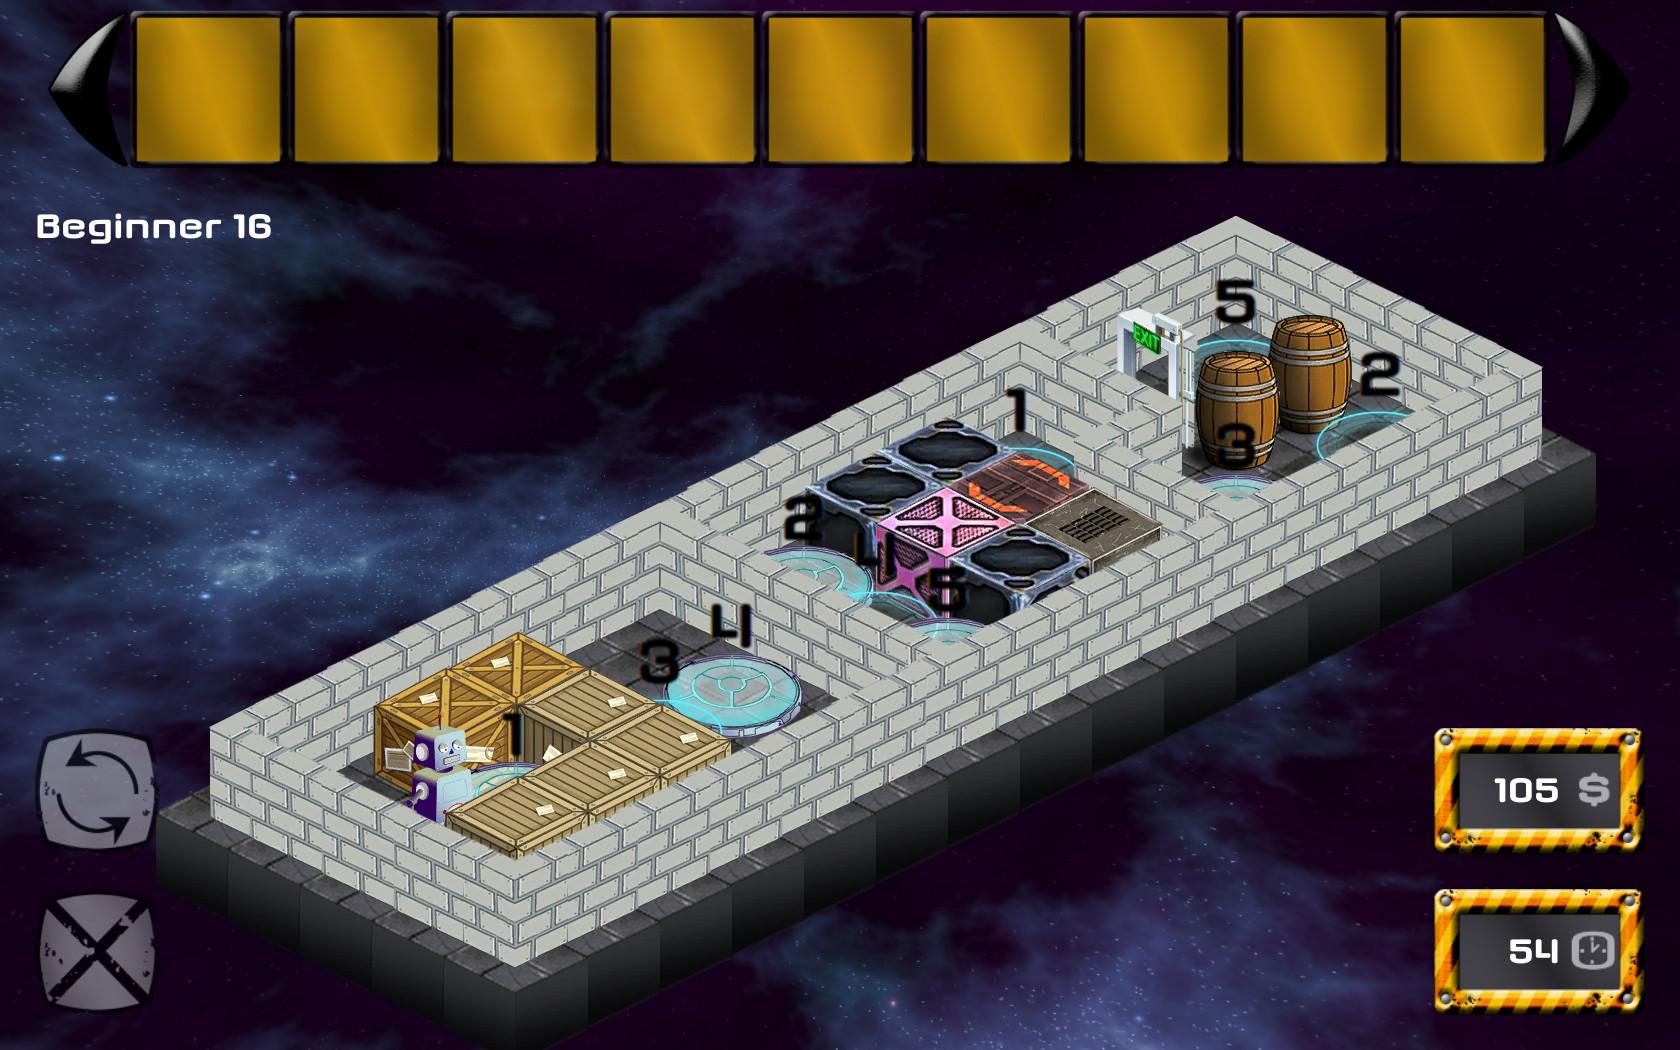 com.steam.461850-screenshot